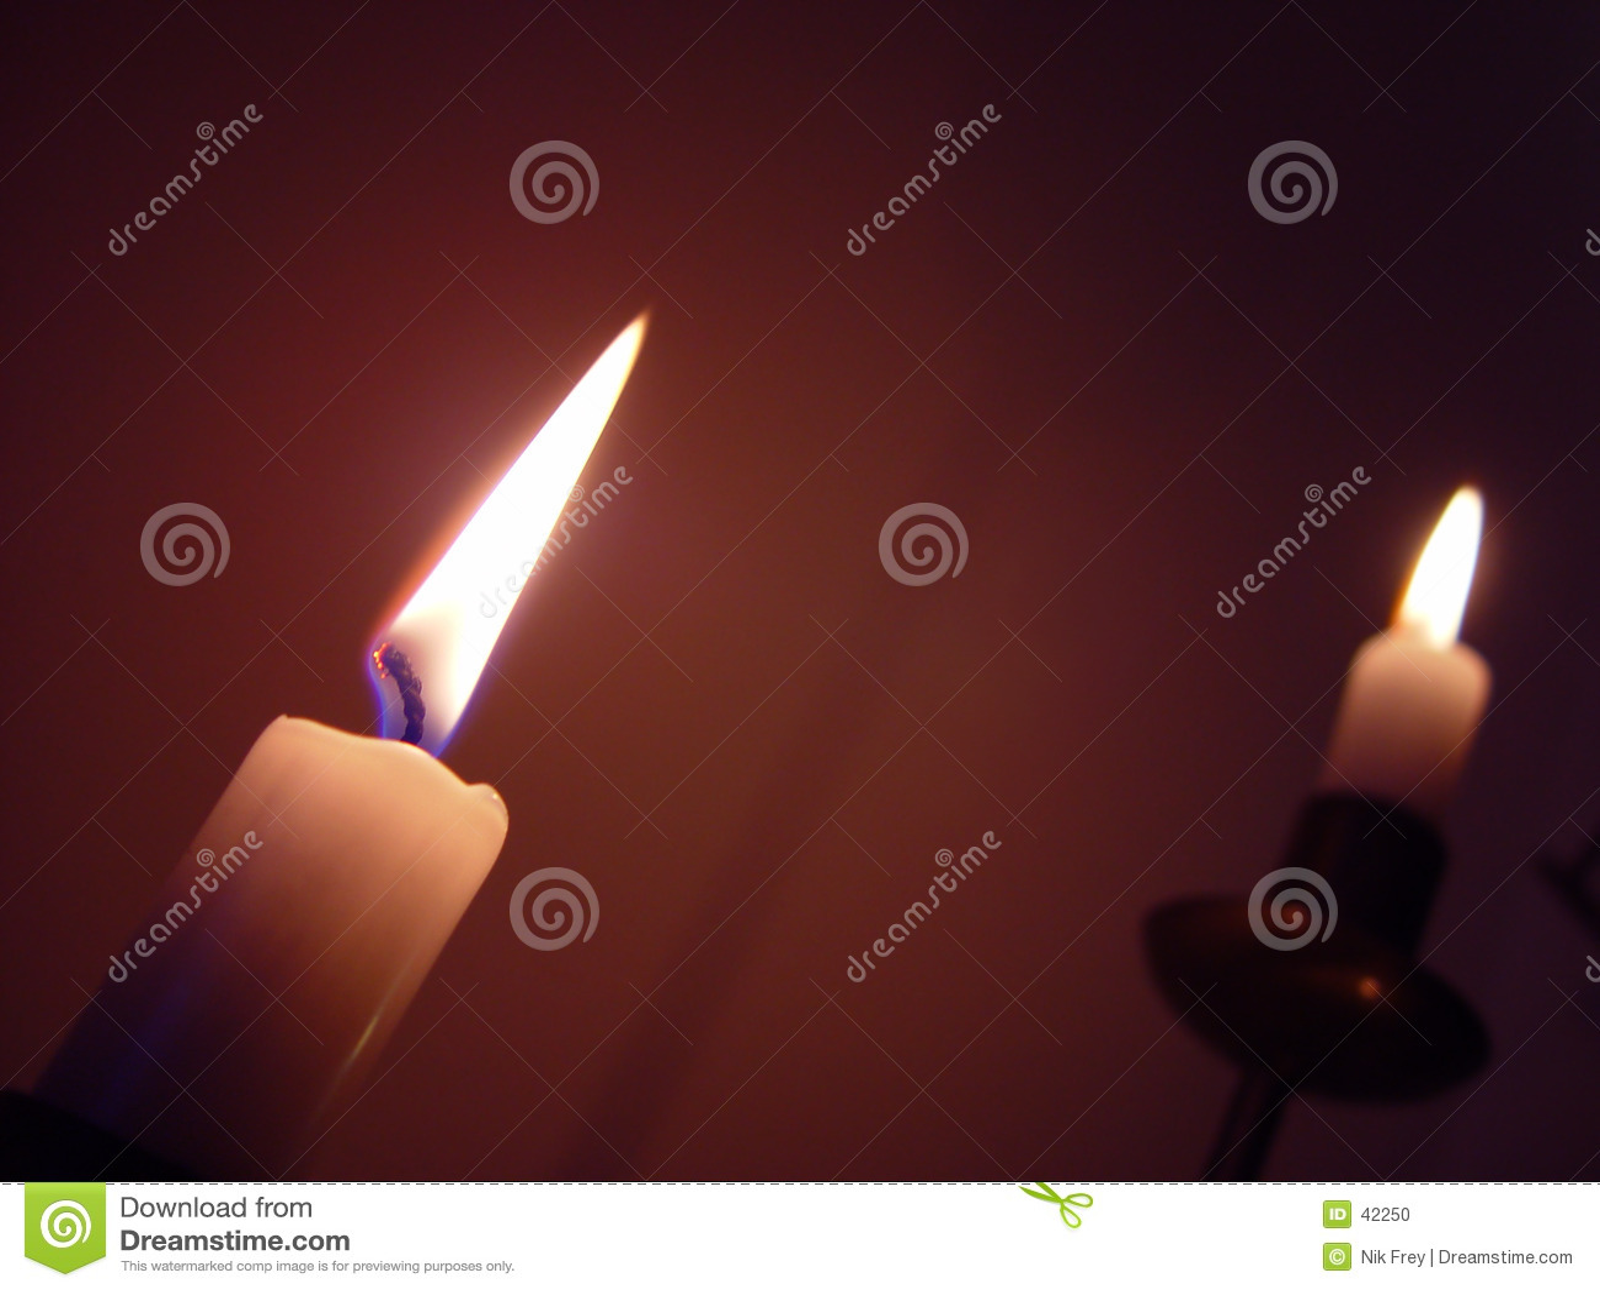 Zapalę świeczkę